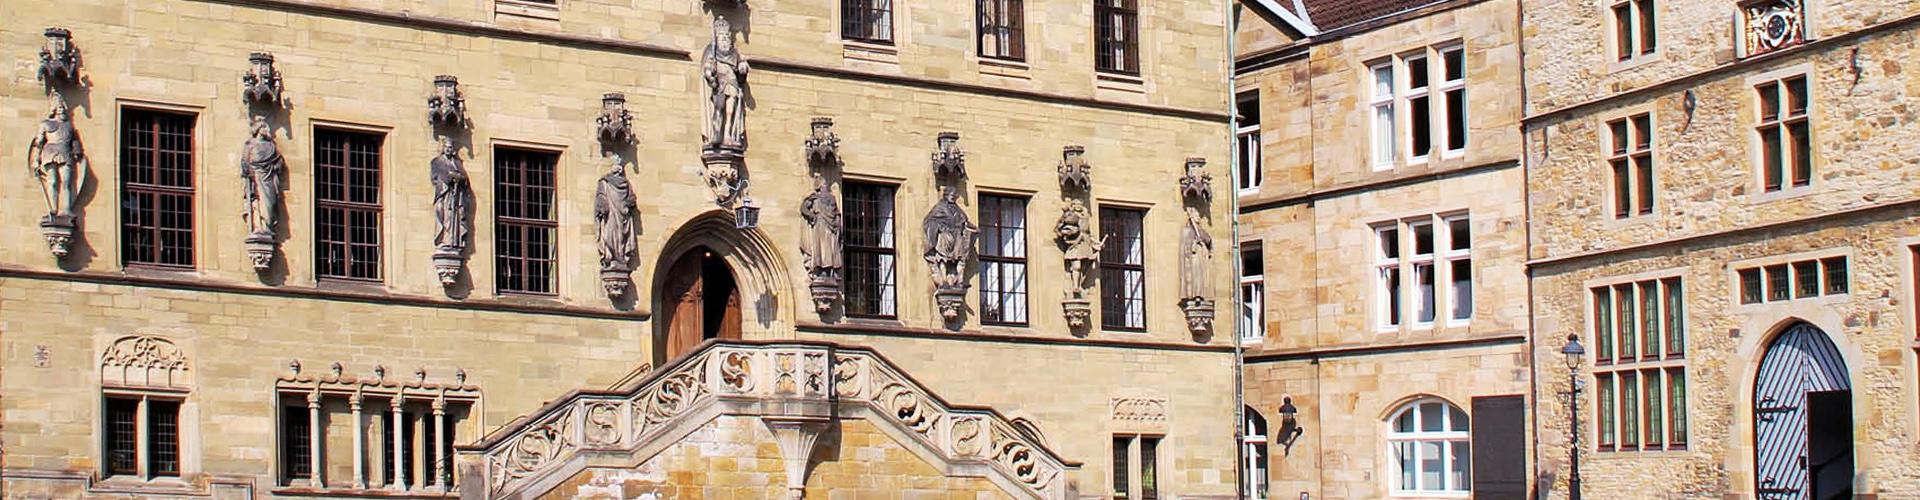 Vfb Osnabrück